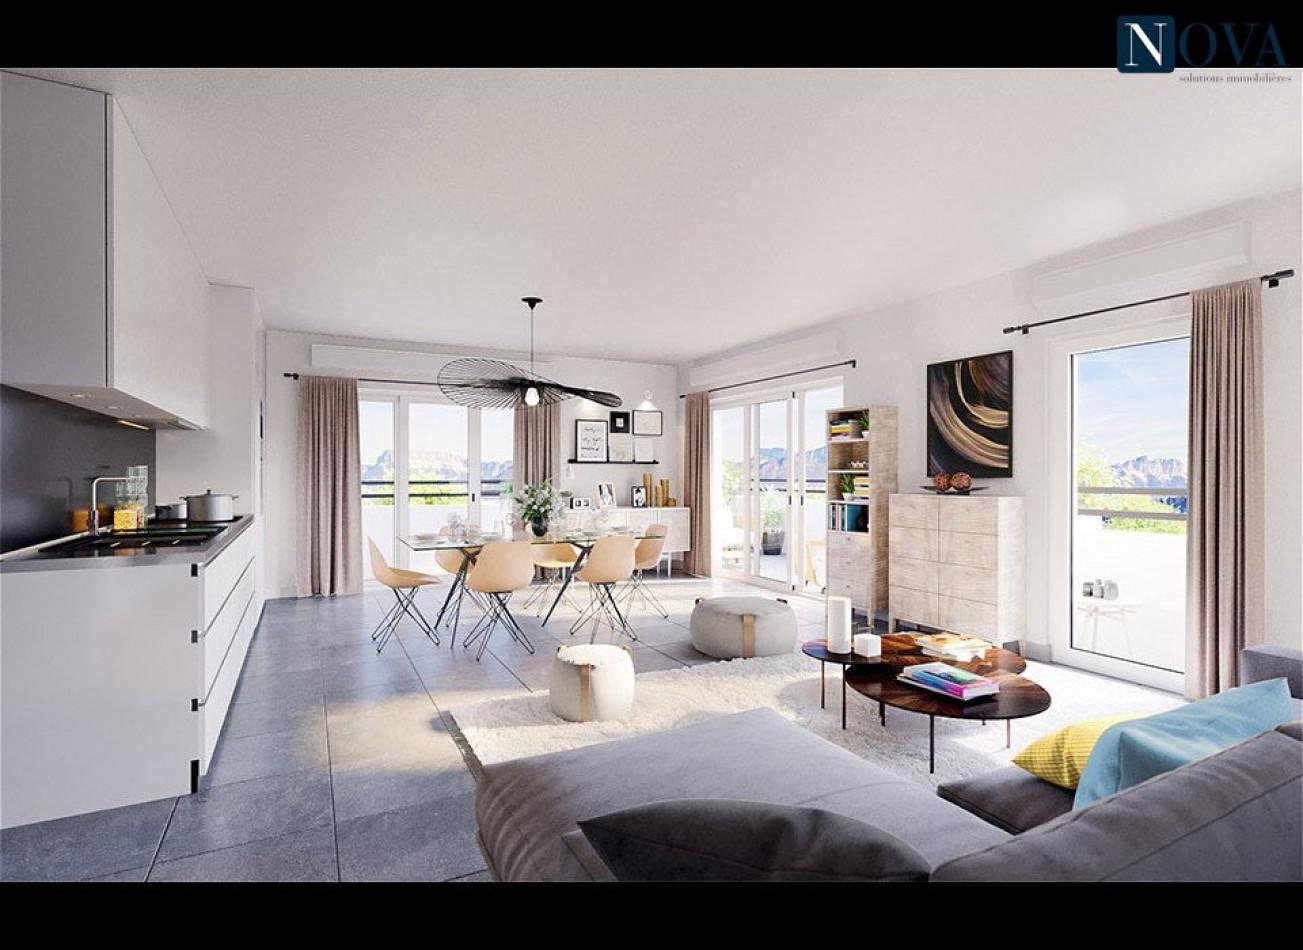 A vendre Seynod 74029160 Nova solution immobiliere